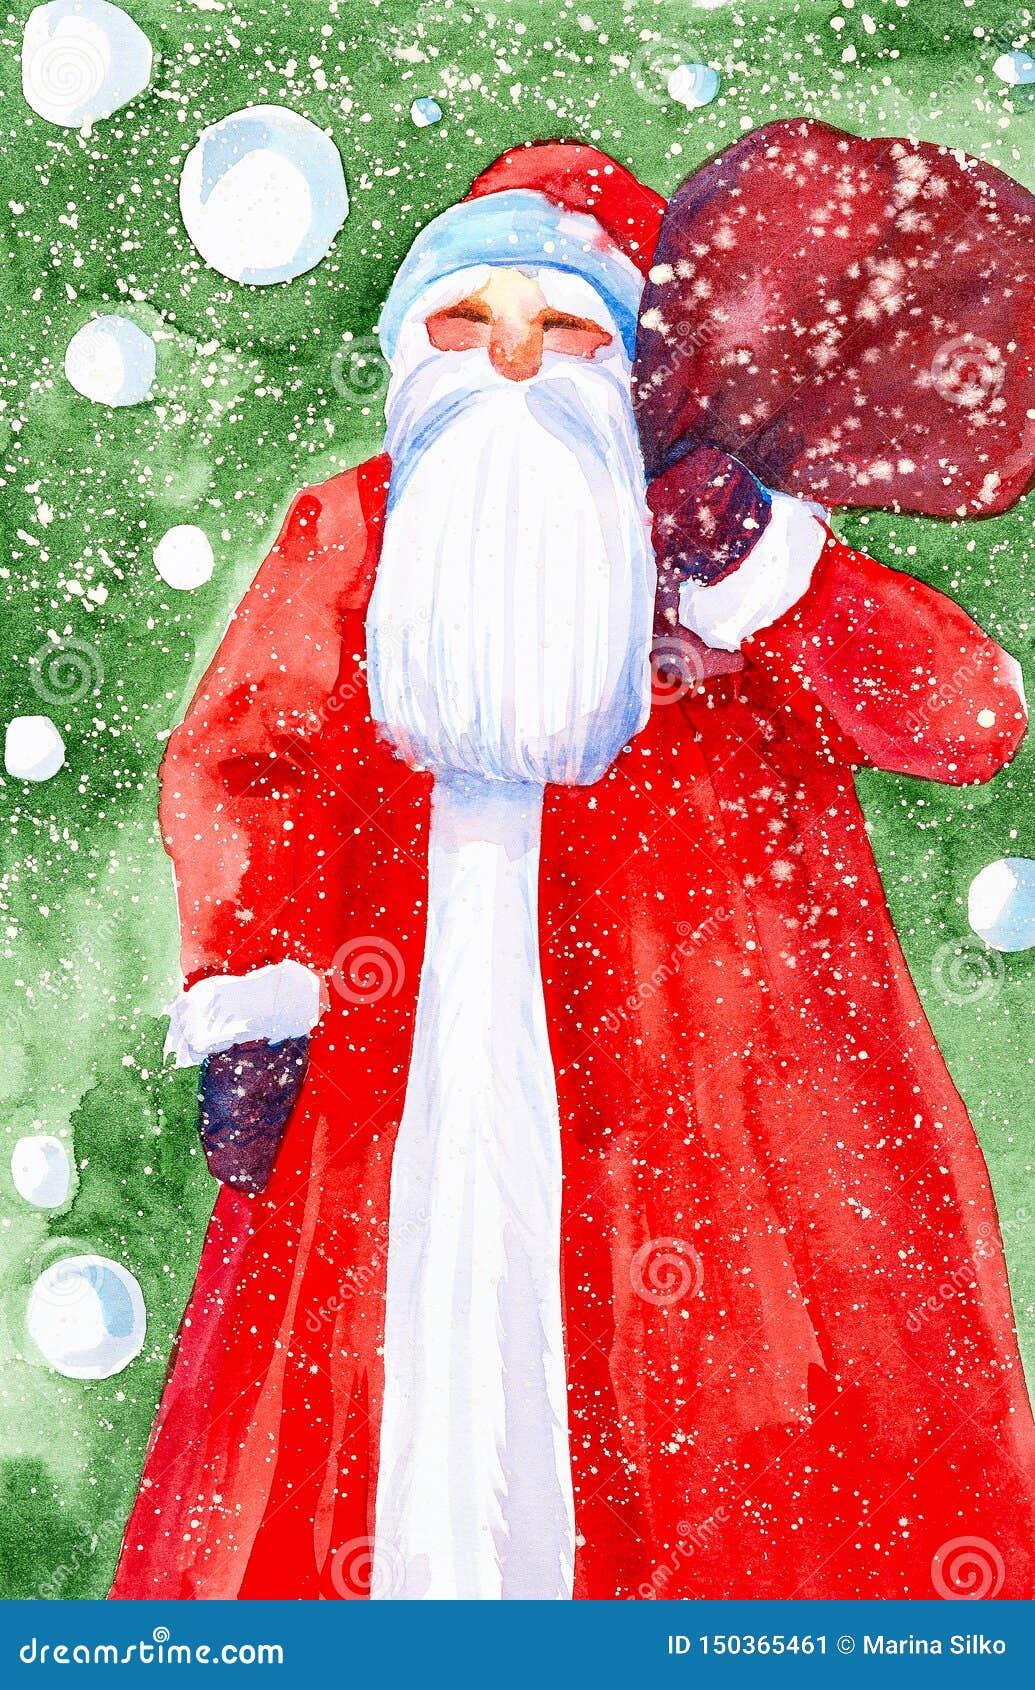 Ejemplo de la acuarela de Santa Claus con un bolso de regalos en el fondo de un árbol de navidad y de una nieve que cae